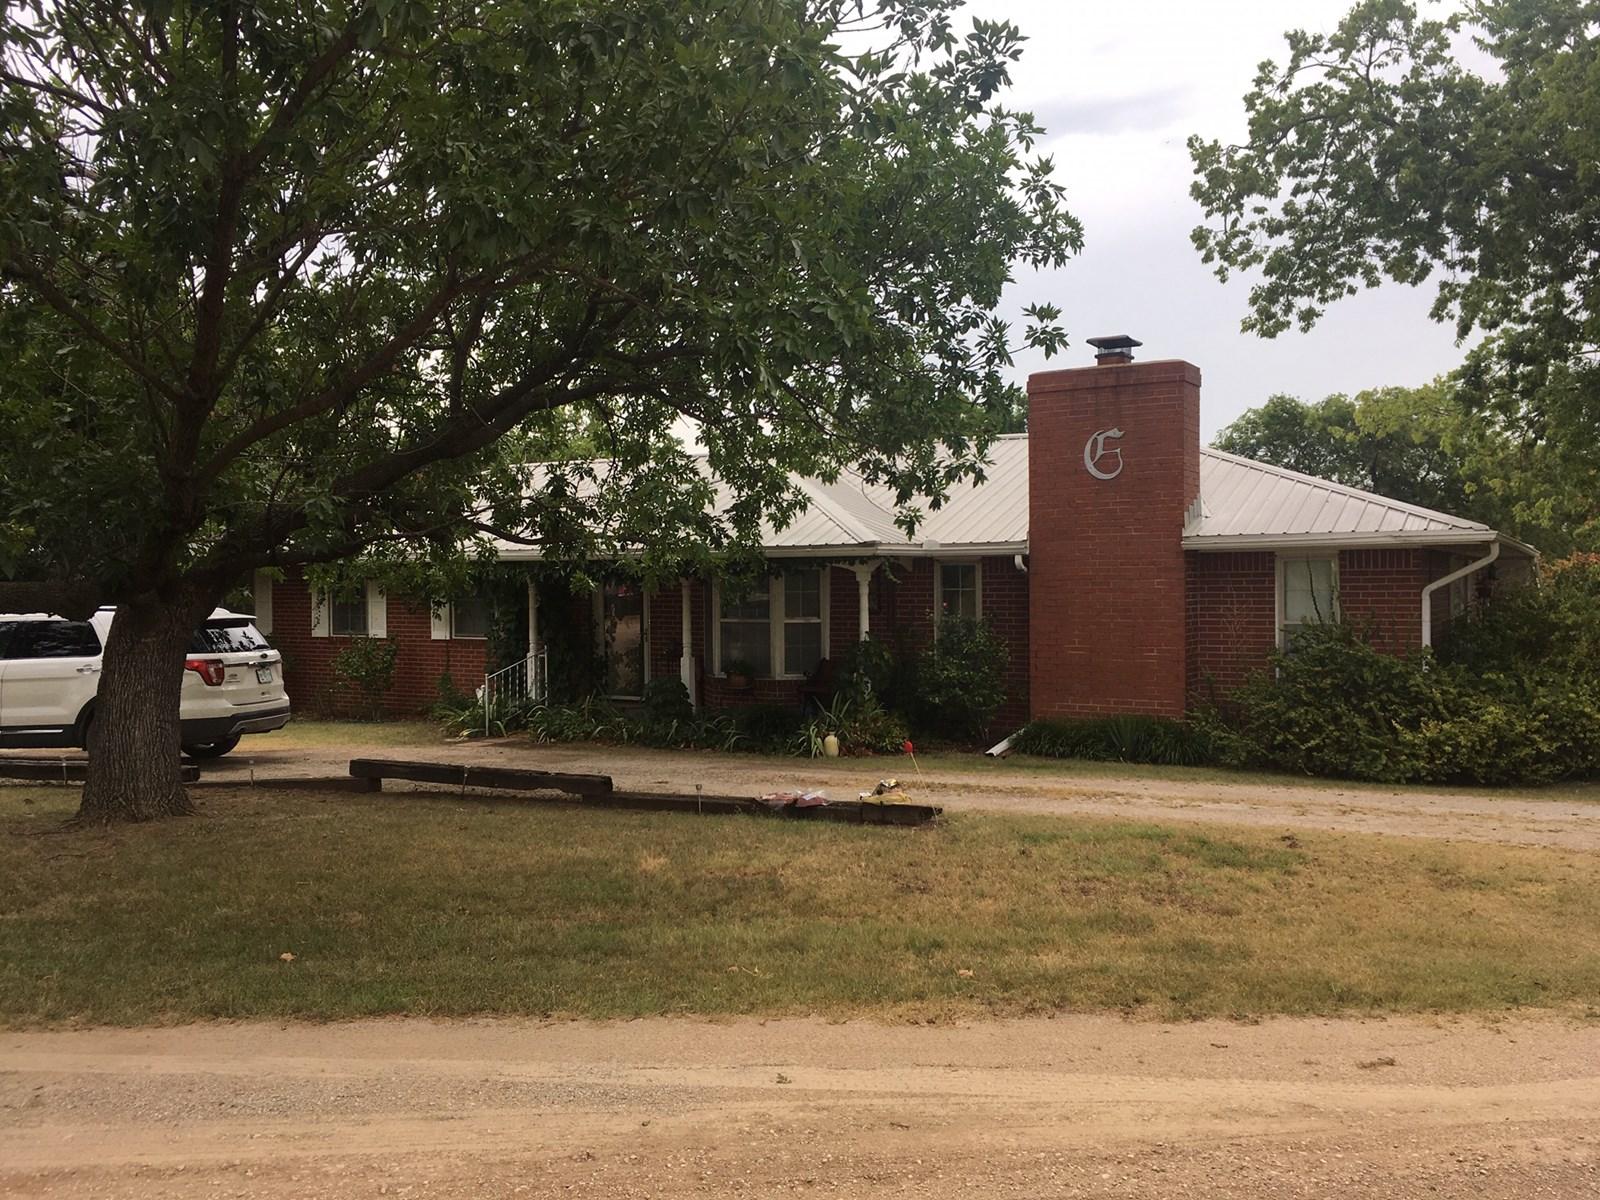 Auction Farm House & Shop on 13+ Acres